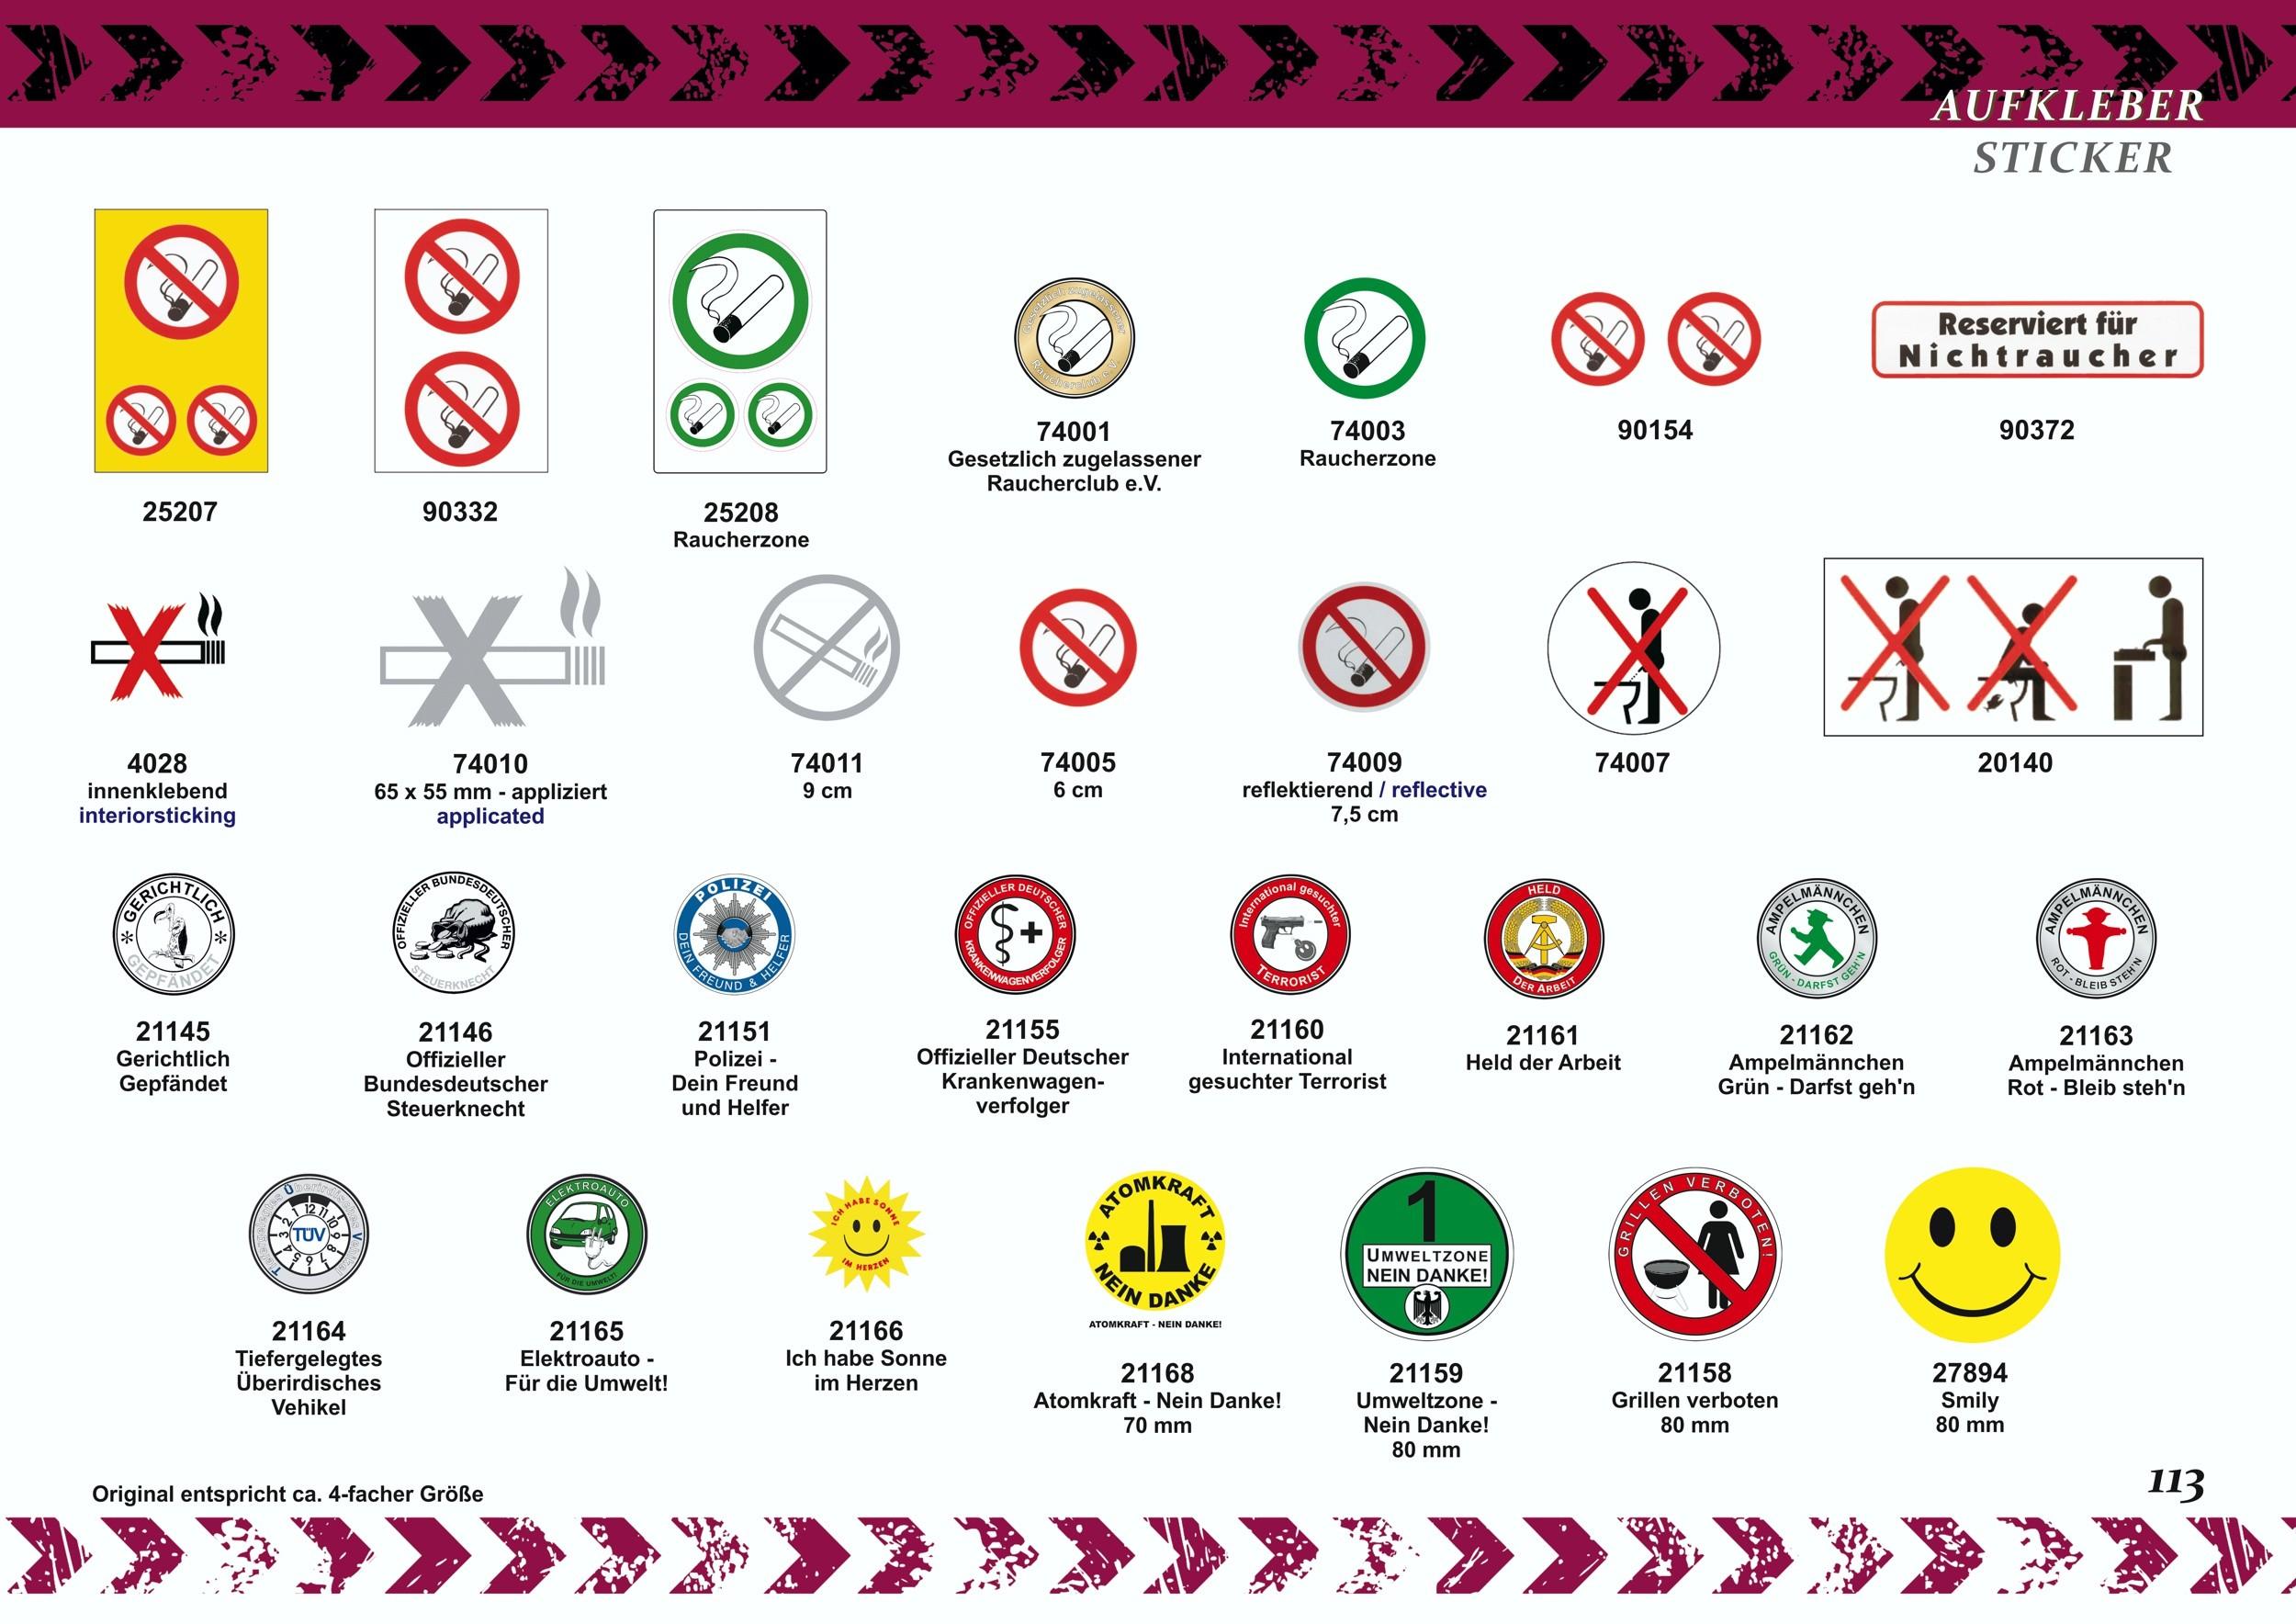 Autocollant Reserviert für Nichtraucher blanc 150 x 40 mm – Bild 4